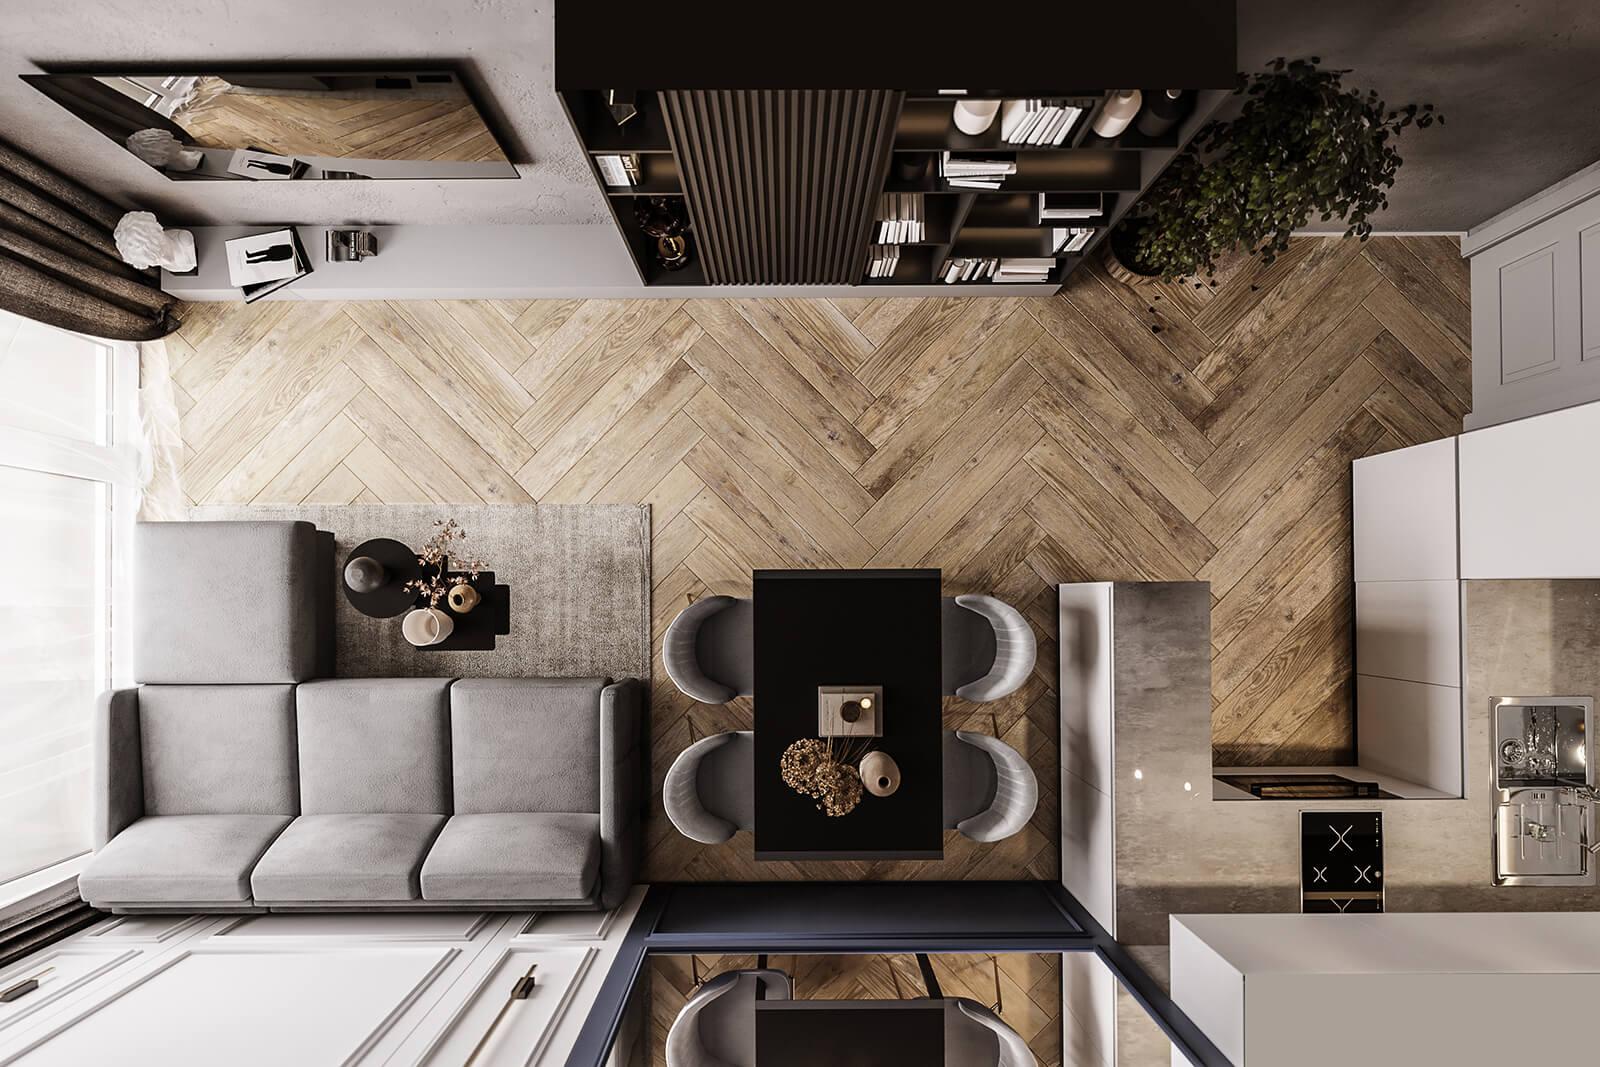 interioren-dizain-proekt-na-vsekidnevna-po-porushka-esteta-design